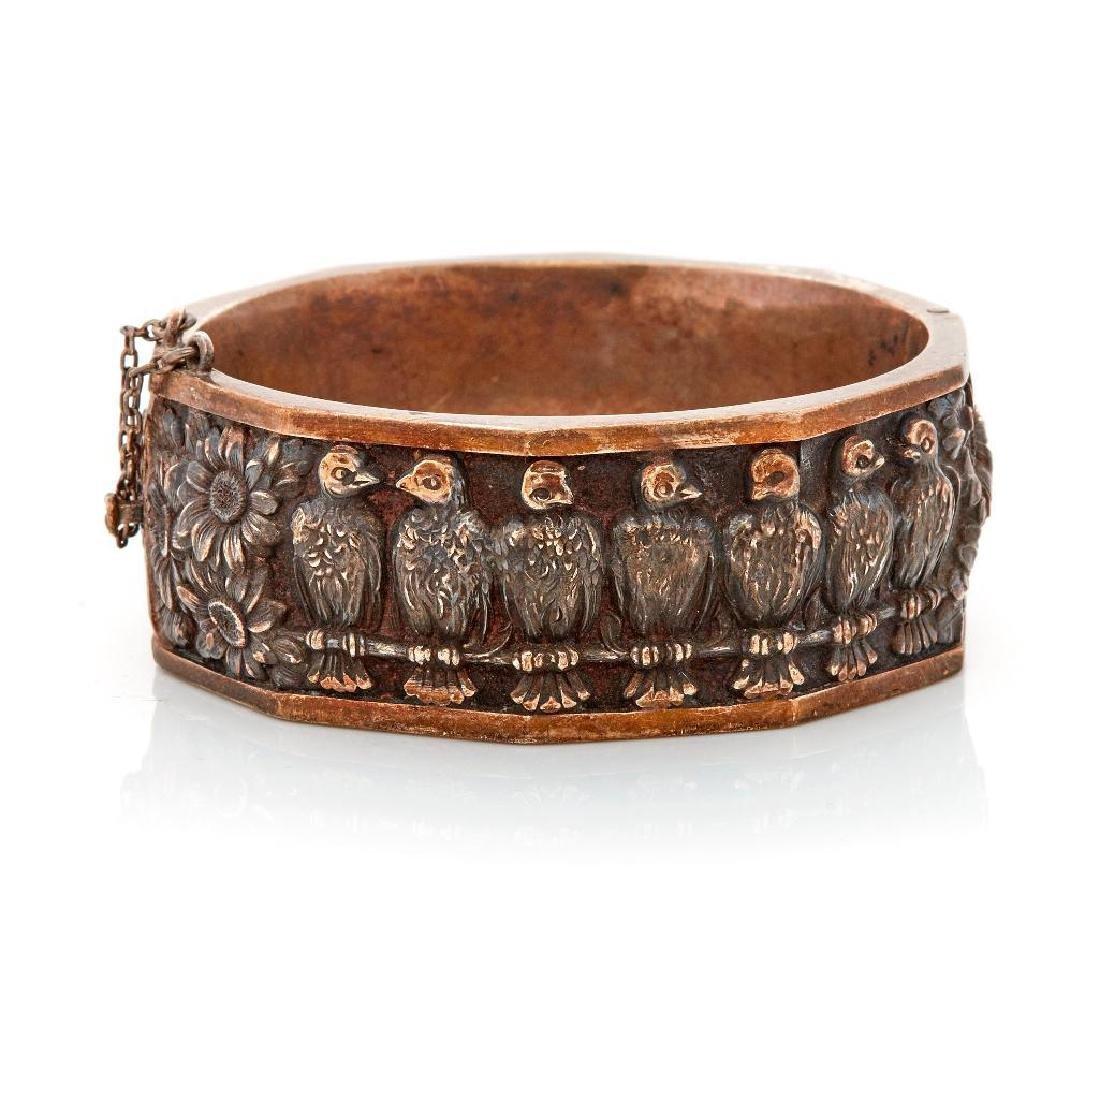 Unusual silver bangle bracelet, Topazio, Portugal